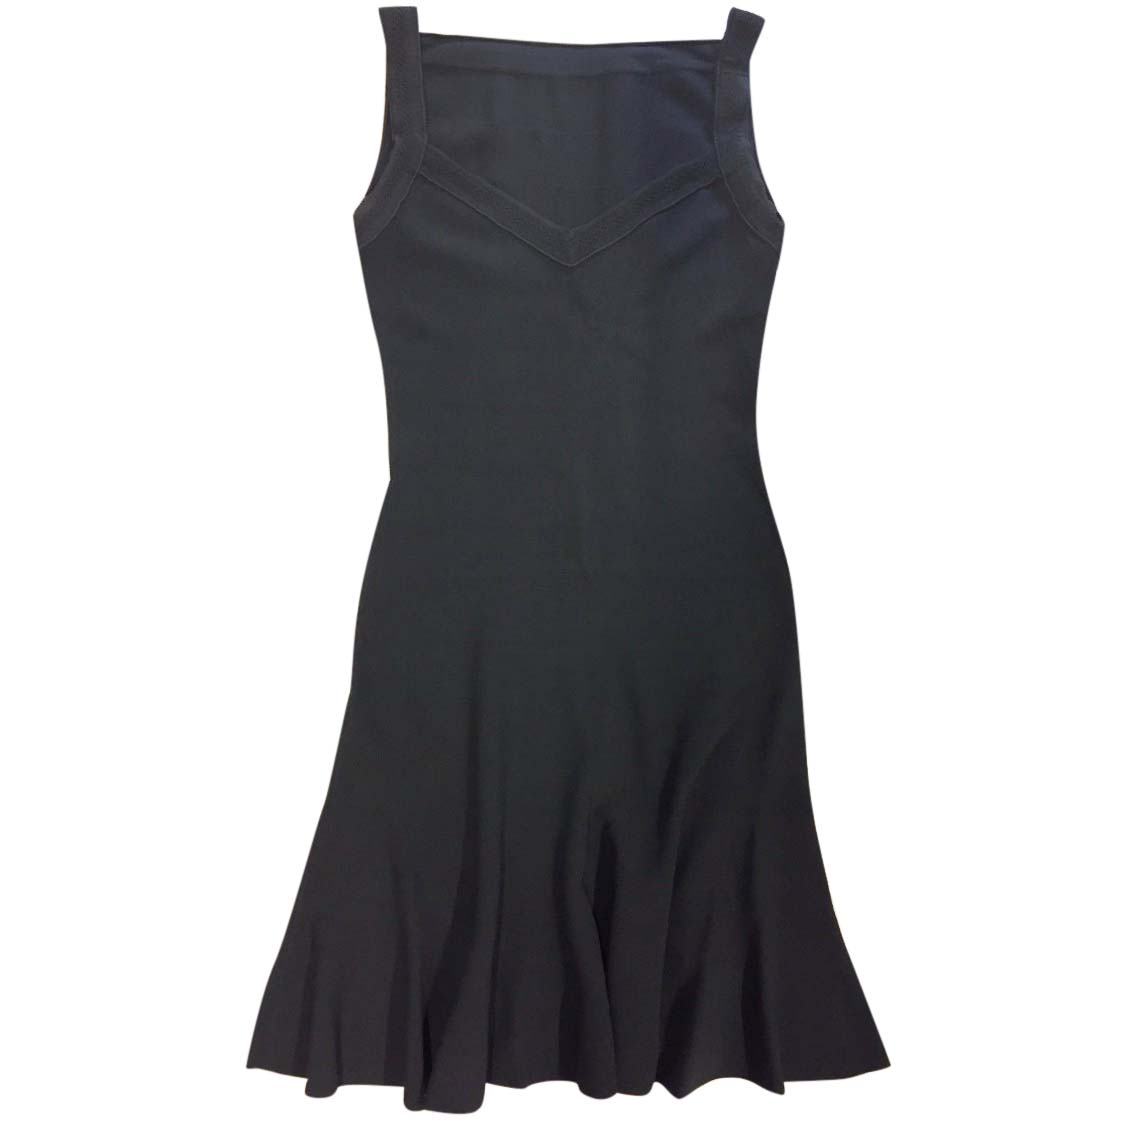 7cbe8af2 Azzedine Alaia Black Stretch Knit Dress S | HEWI London